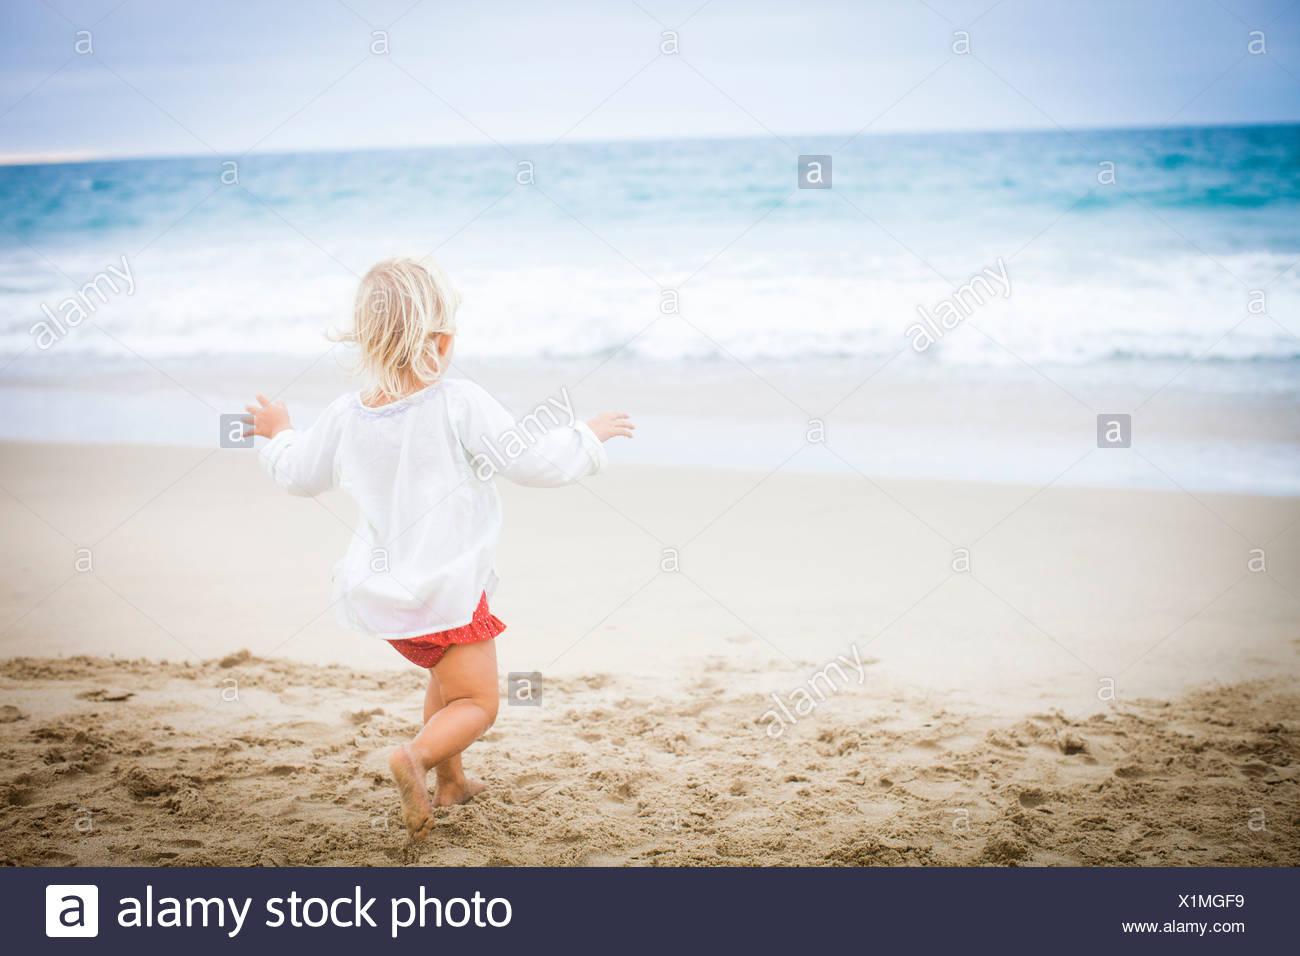 Vue arrière de fille courir vers la mer Photo Stock